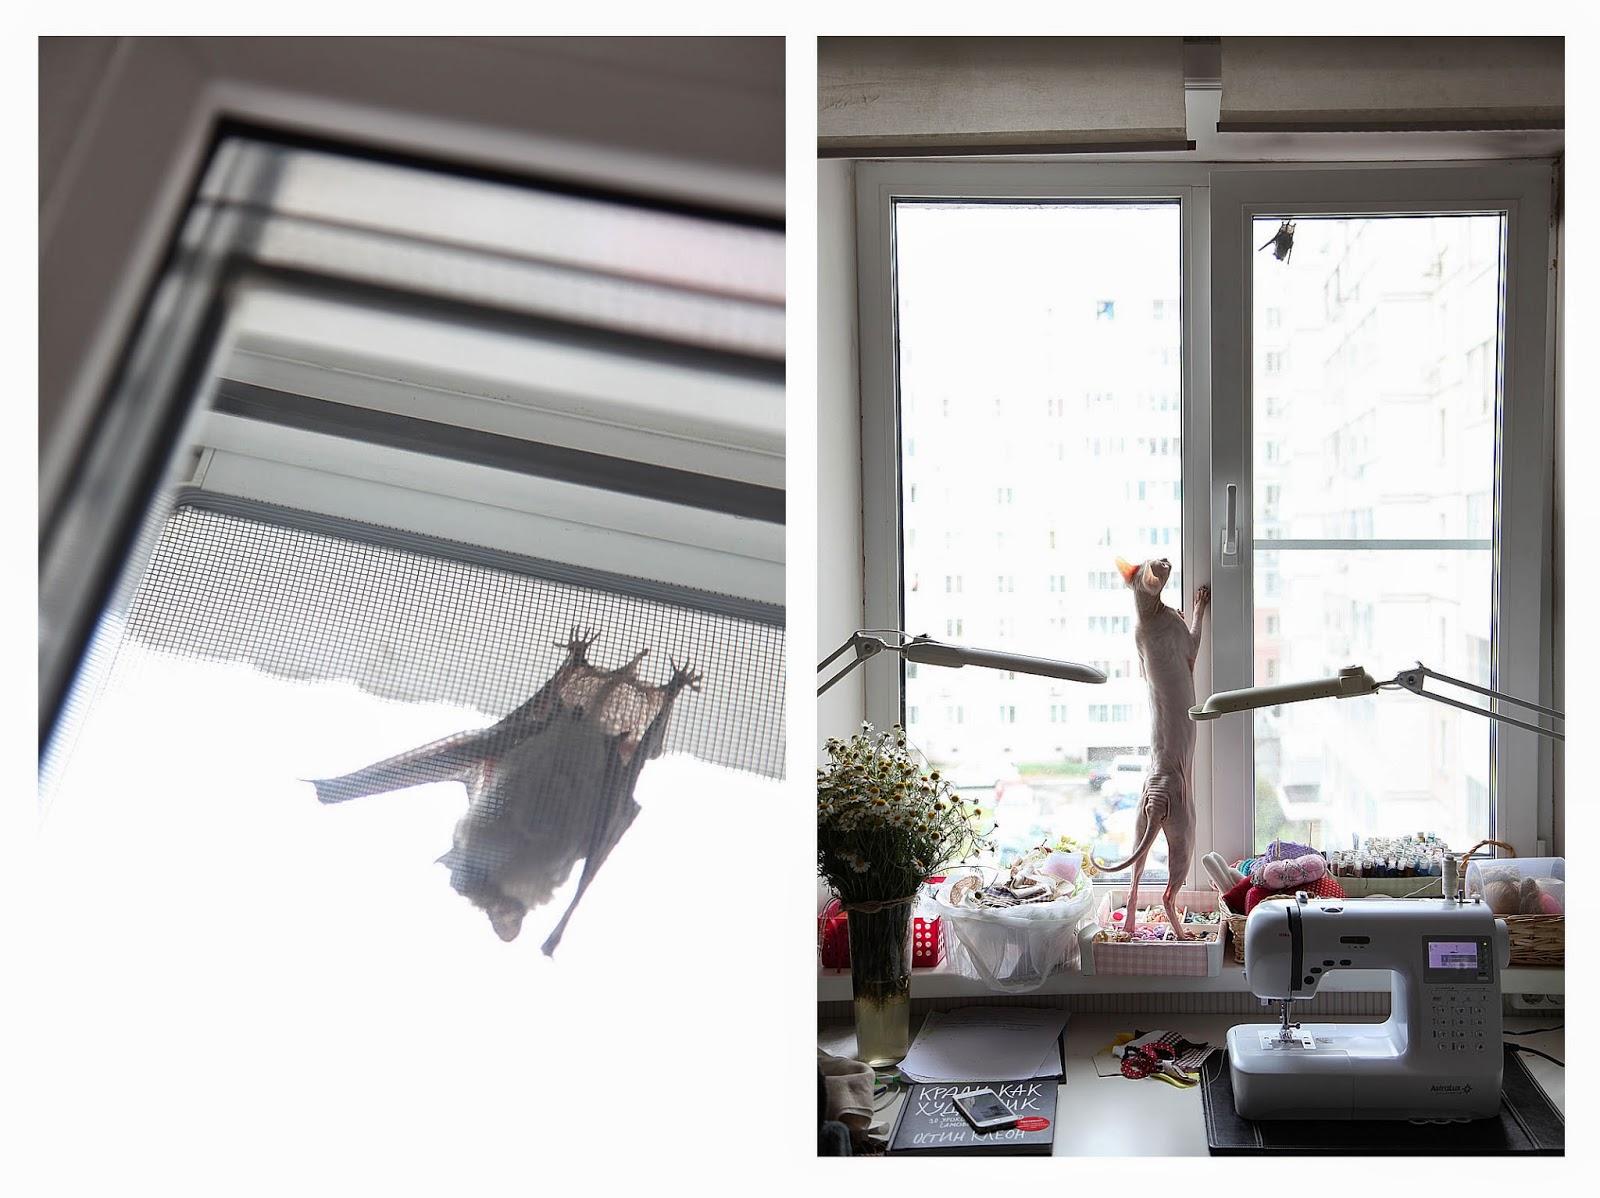 донской сфинкс, лысая кошка, гася